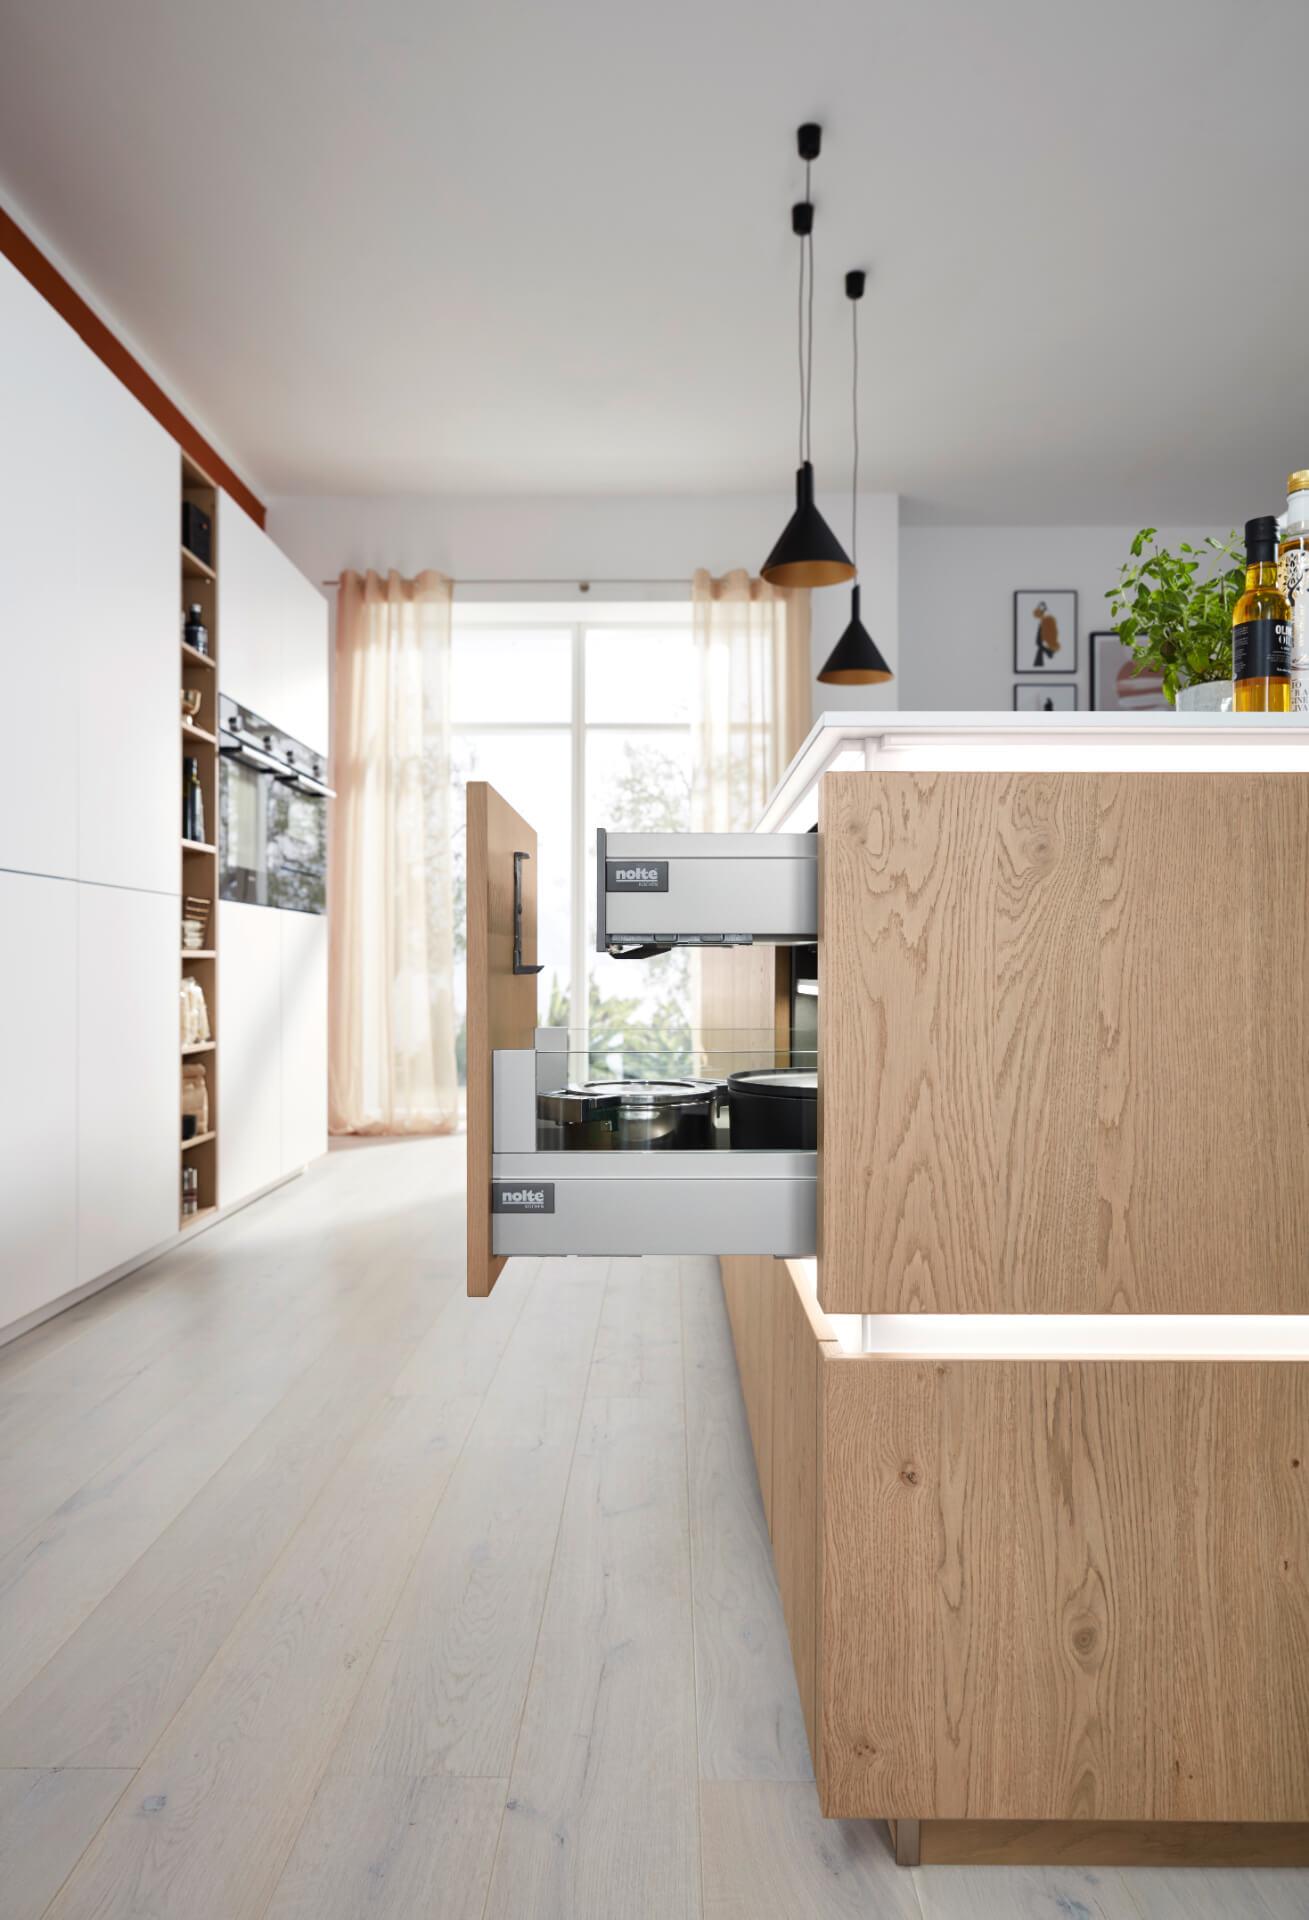 Nolte Tavola Wooden Kitchen Drawer